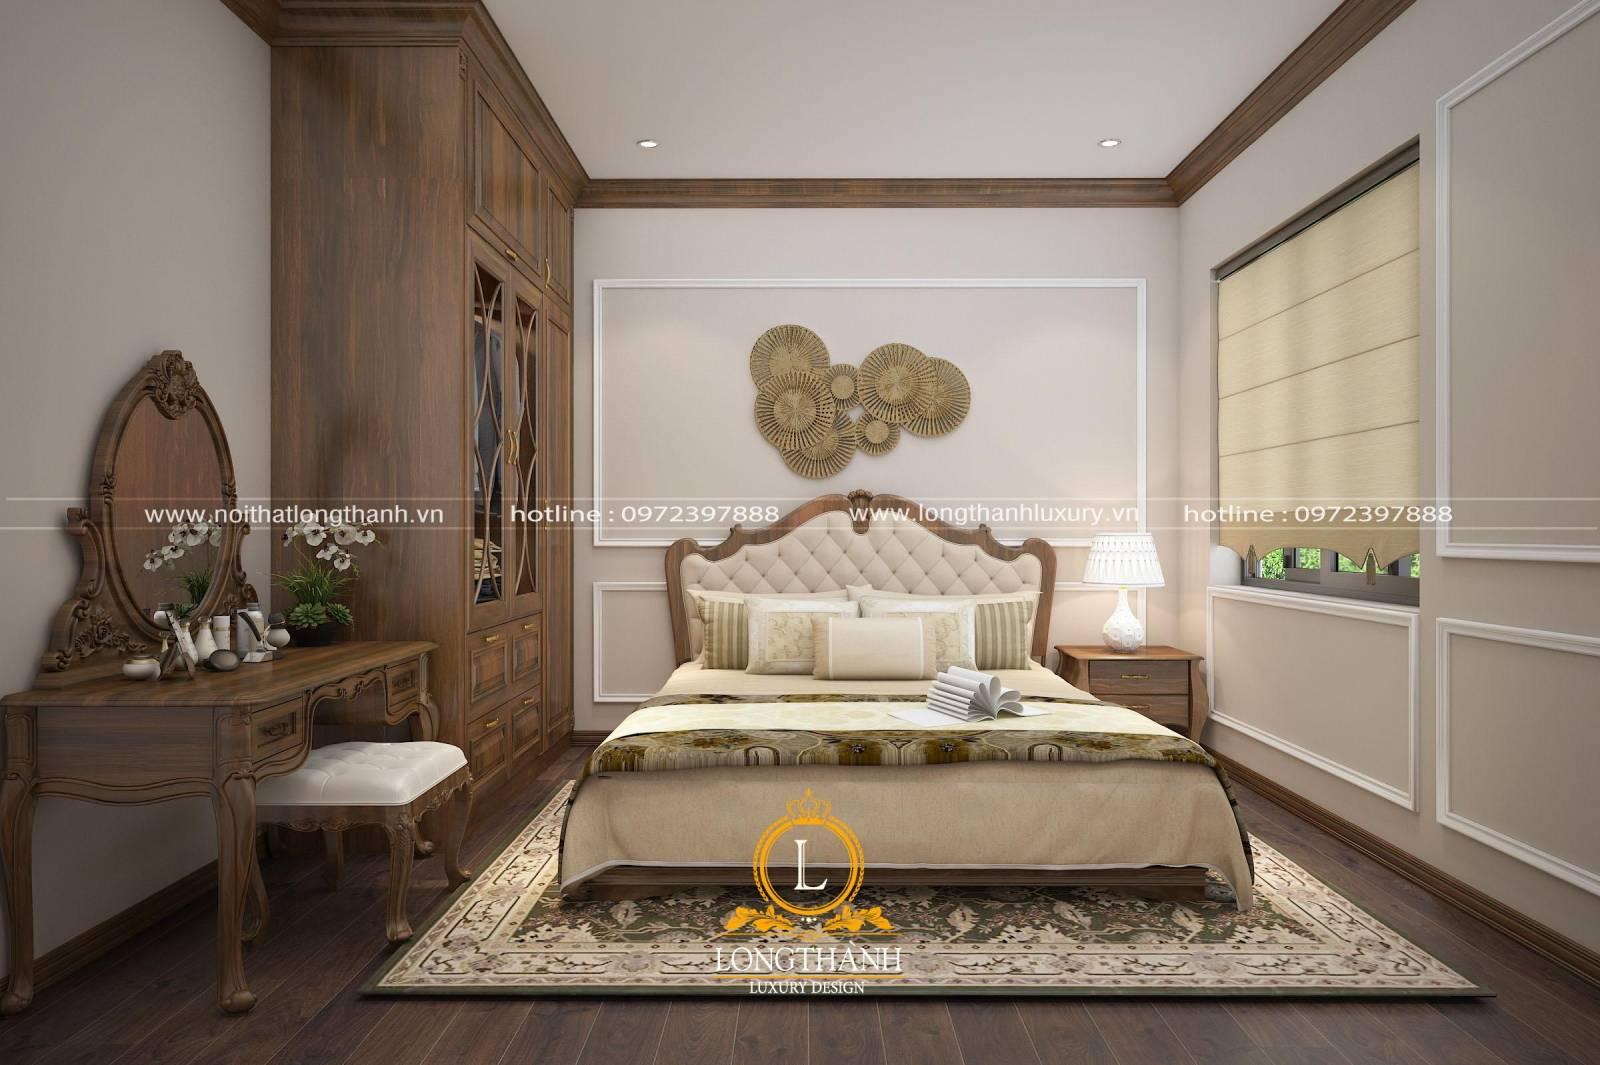 Thiết kế nội thất phòng ngủ nhỏ phong cách tân cổ điển cho biệt thự phố